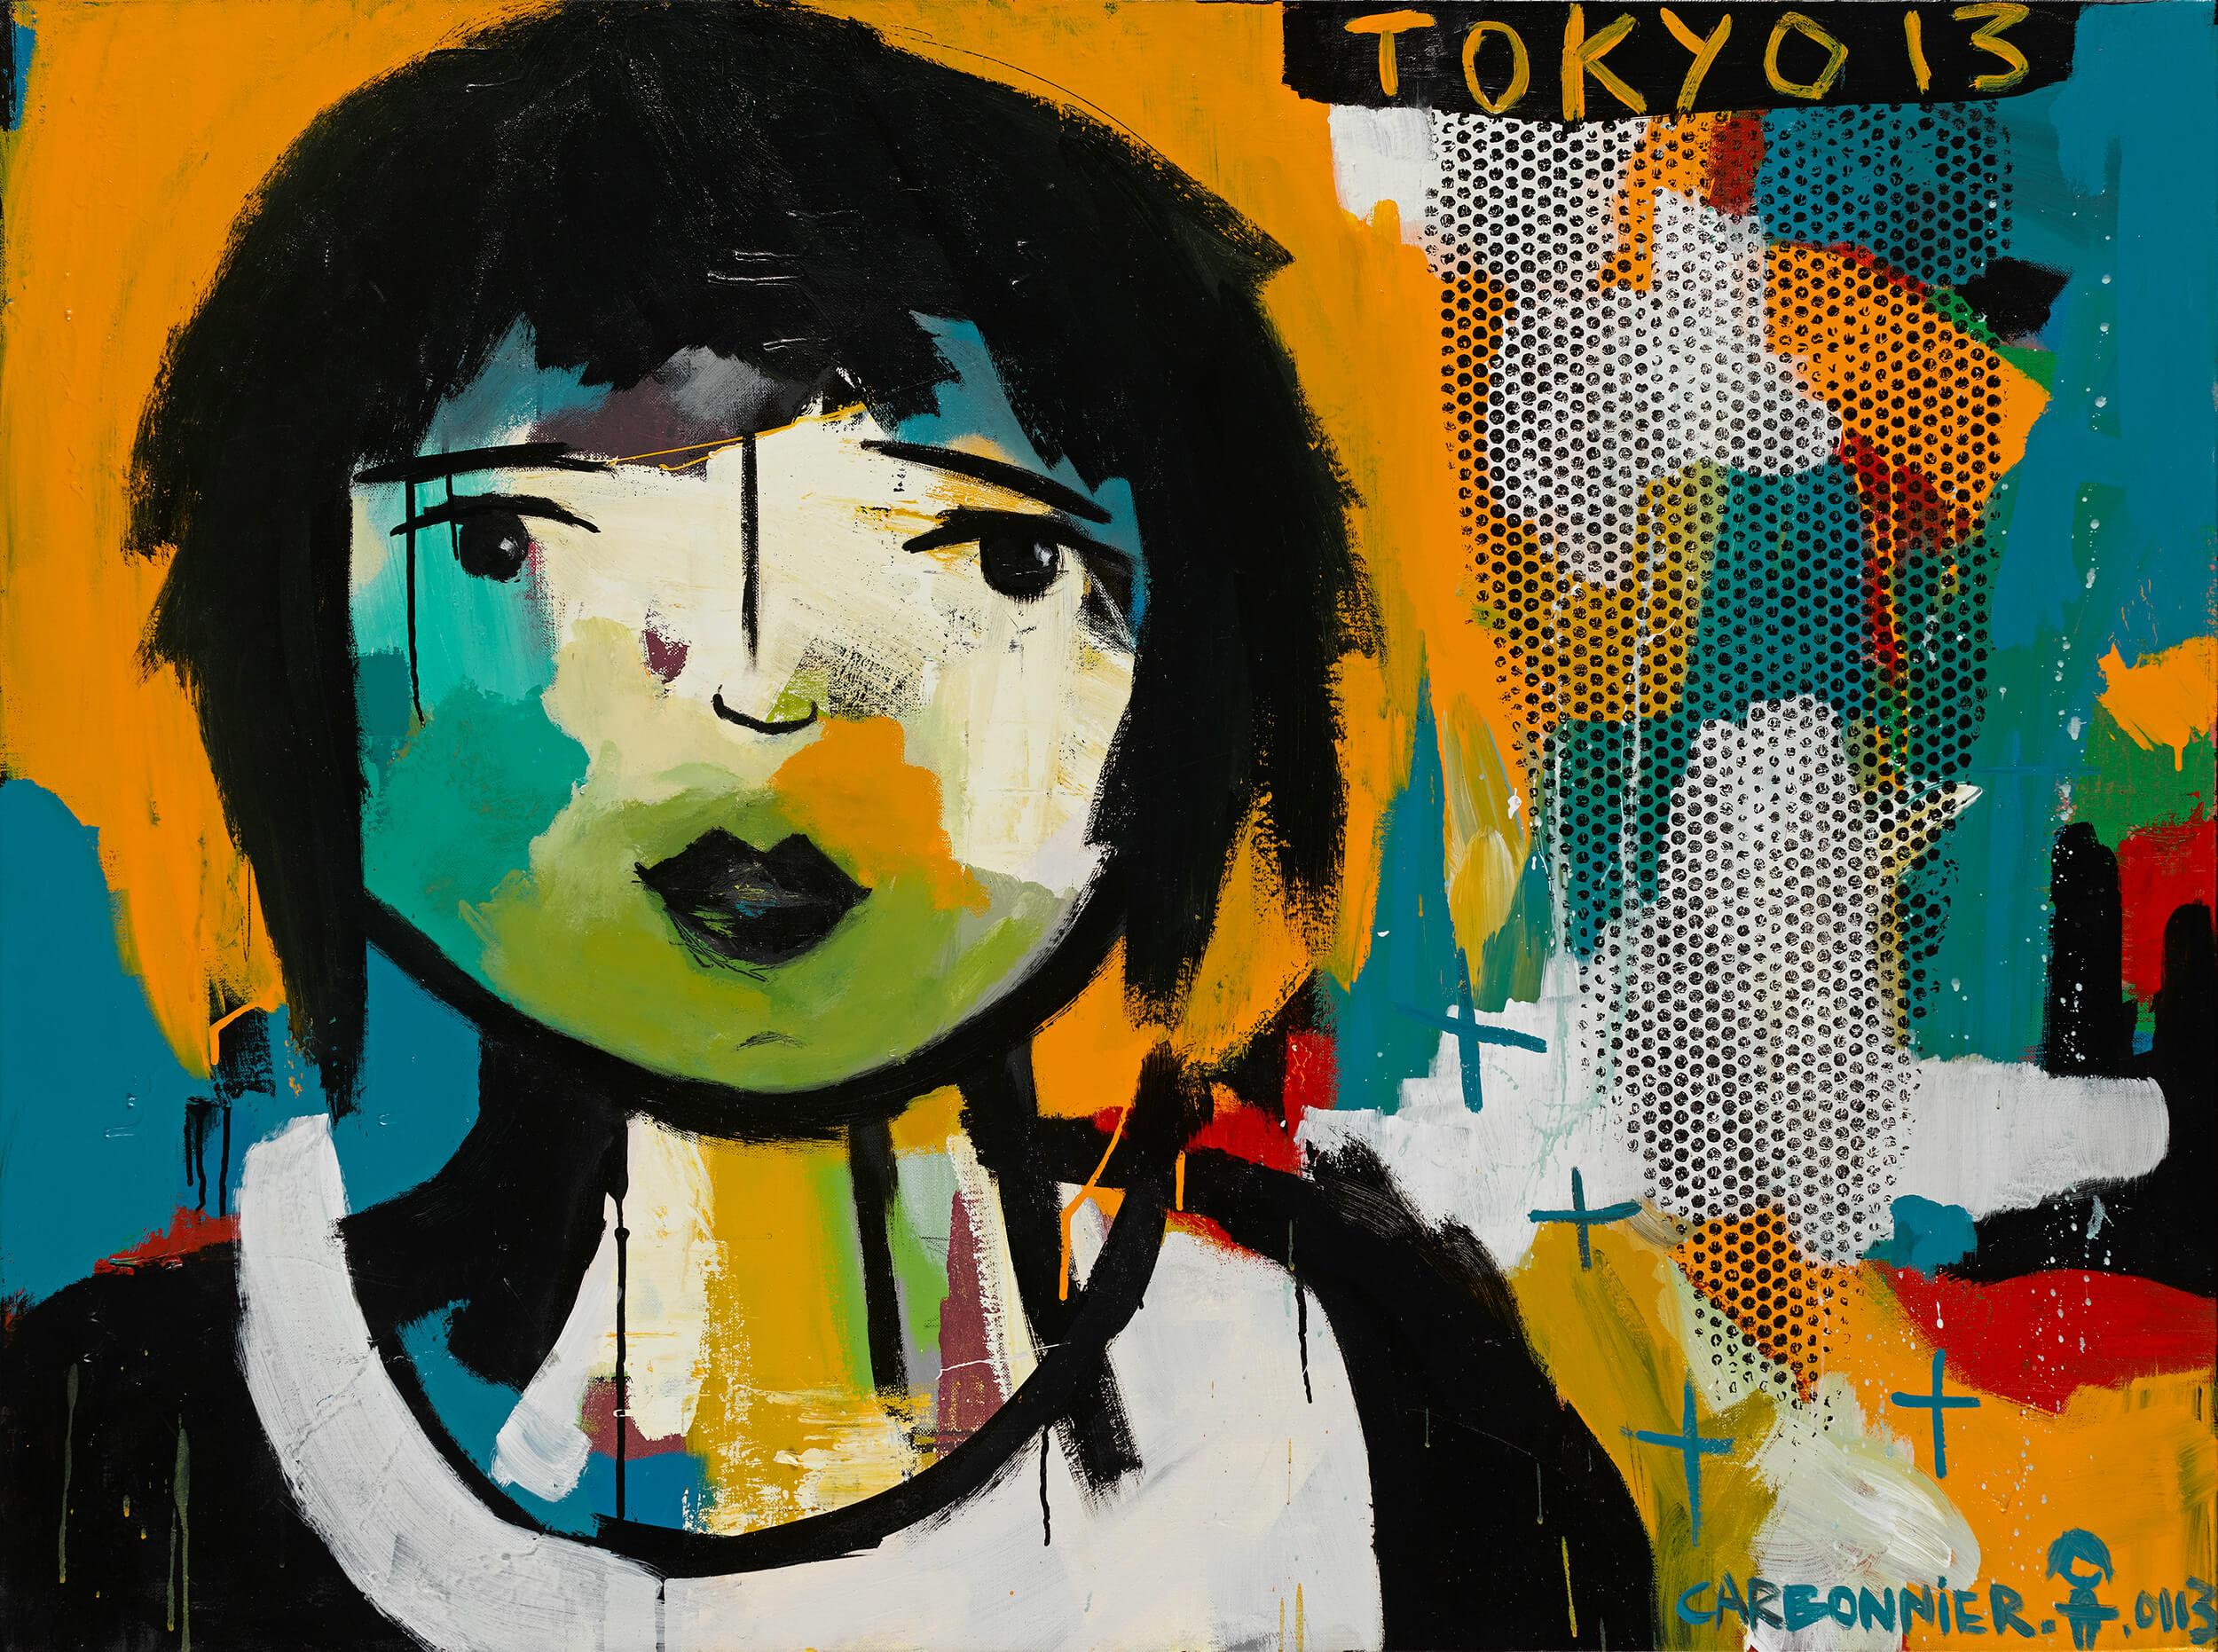 Pauline CARBONNIER - Tokyo 13 - Acrylique, encre de chine, 135 x100 cm